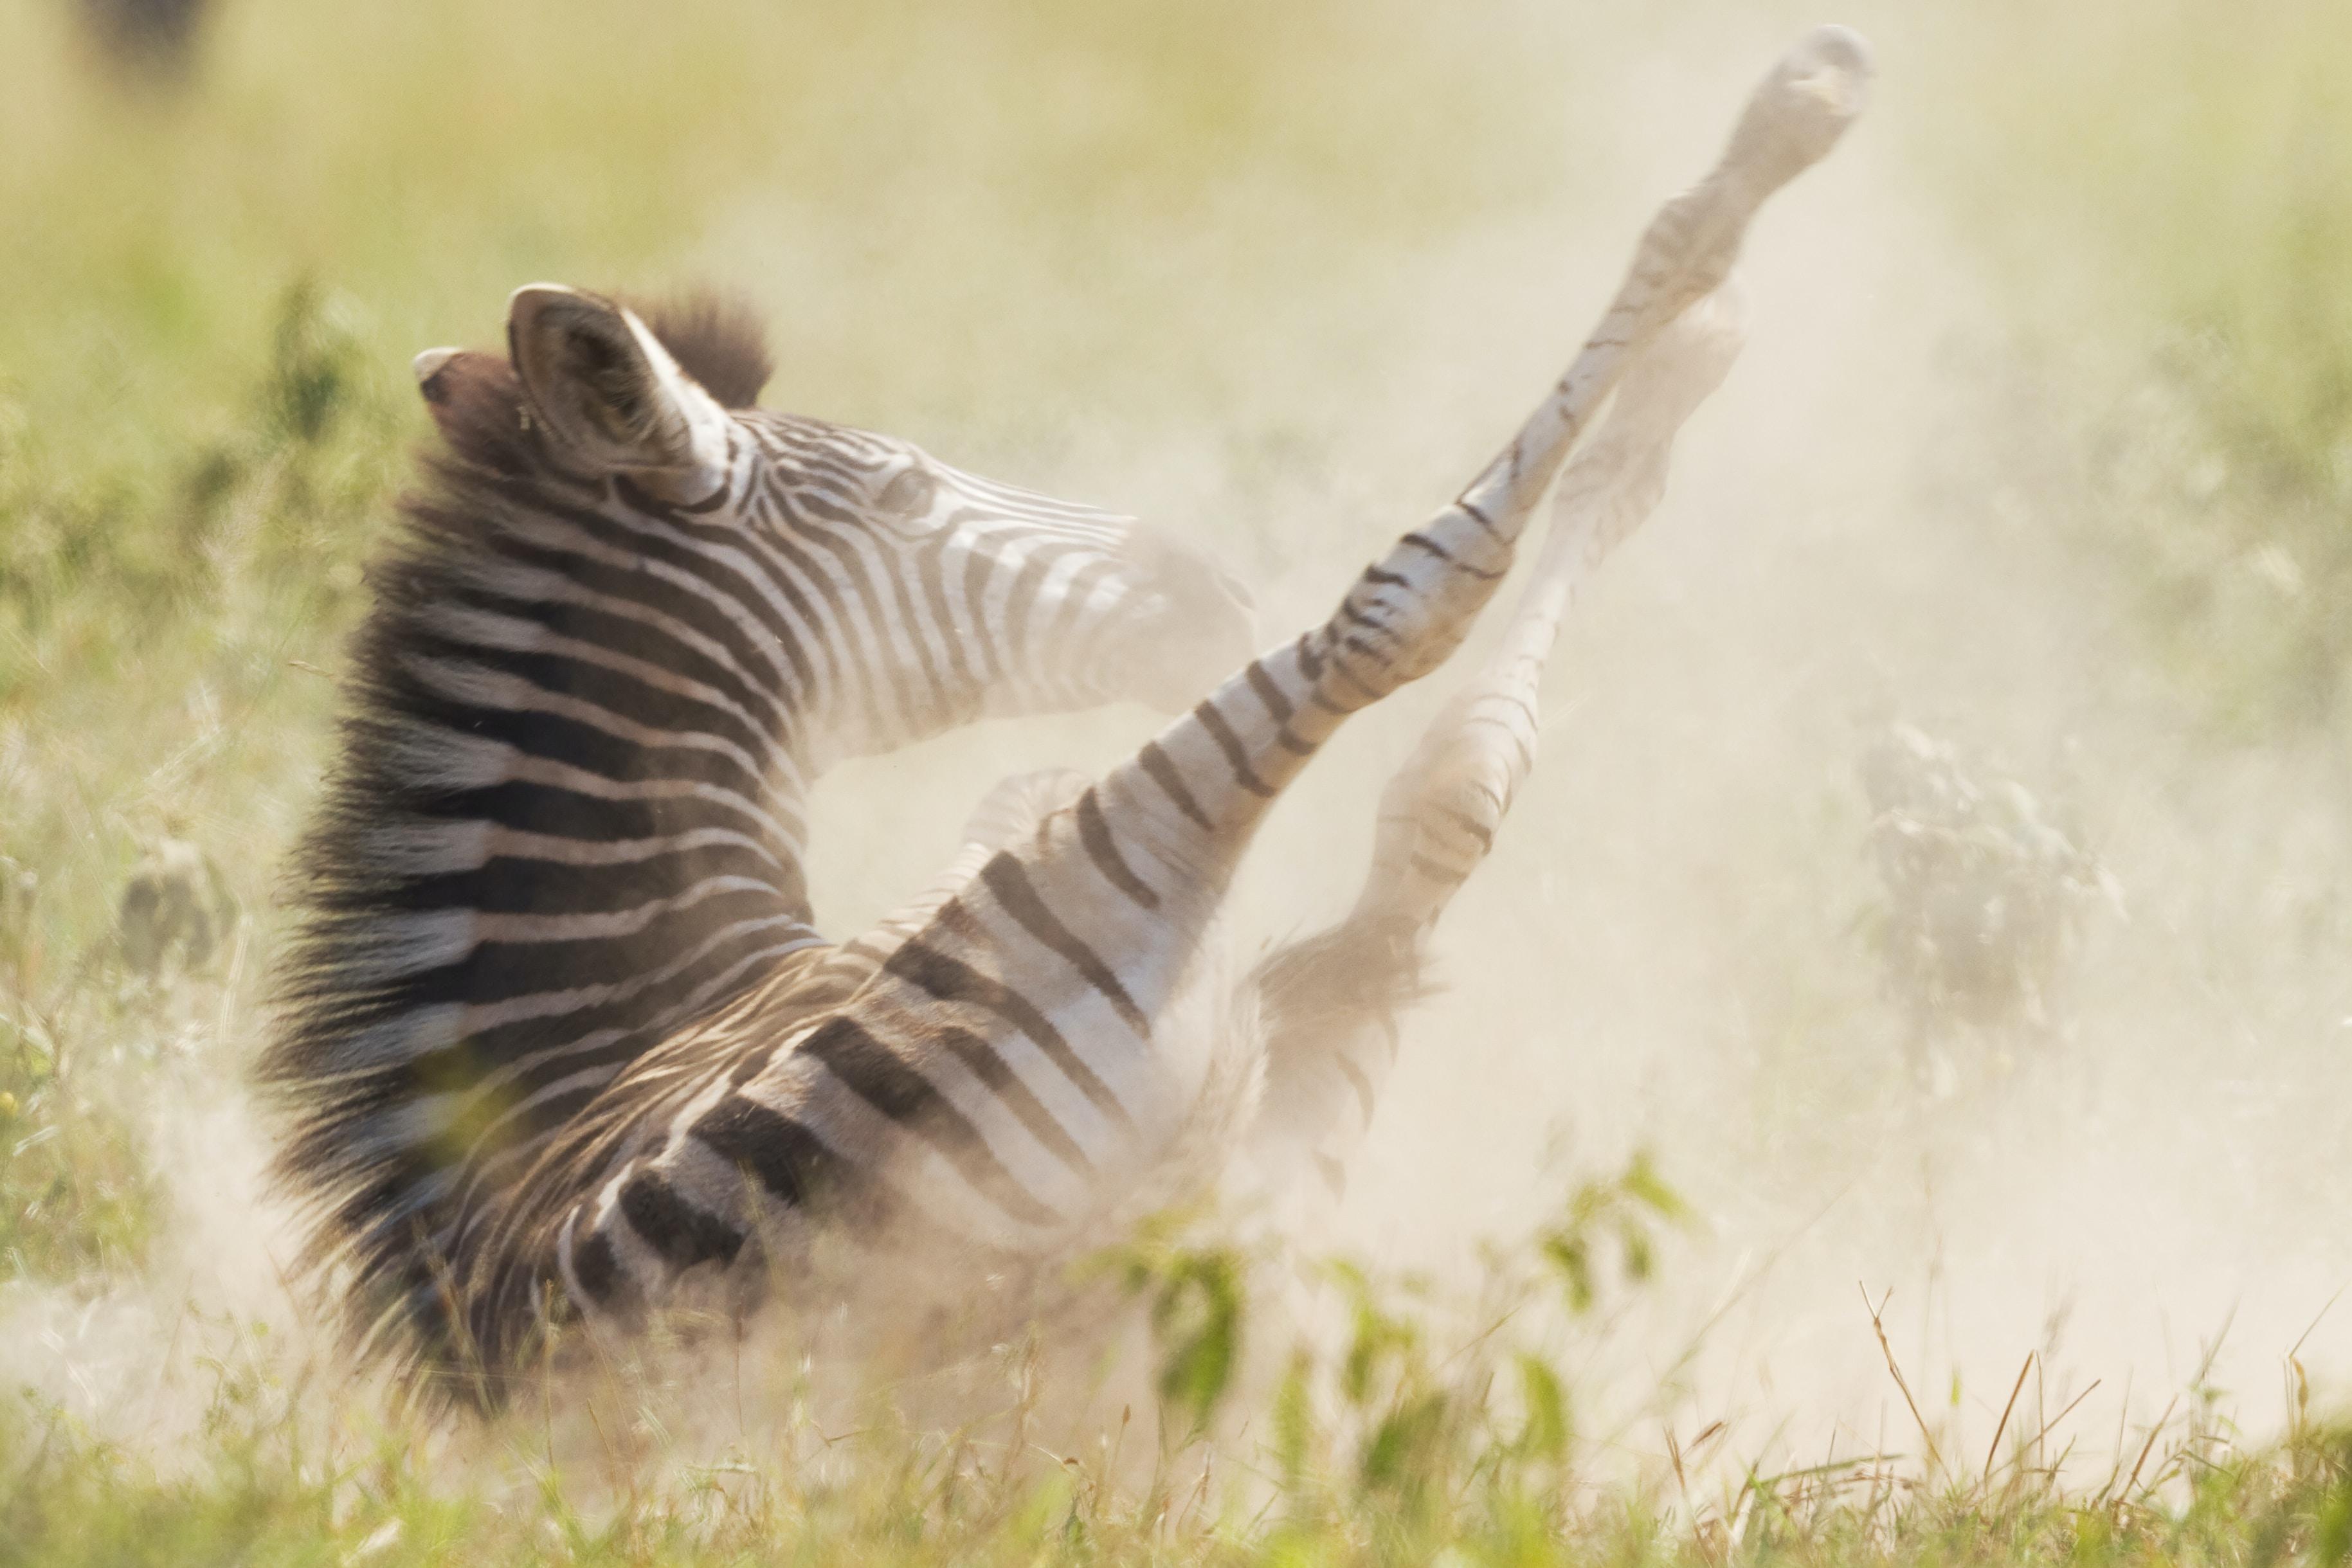 zebra laying on grassy field